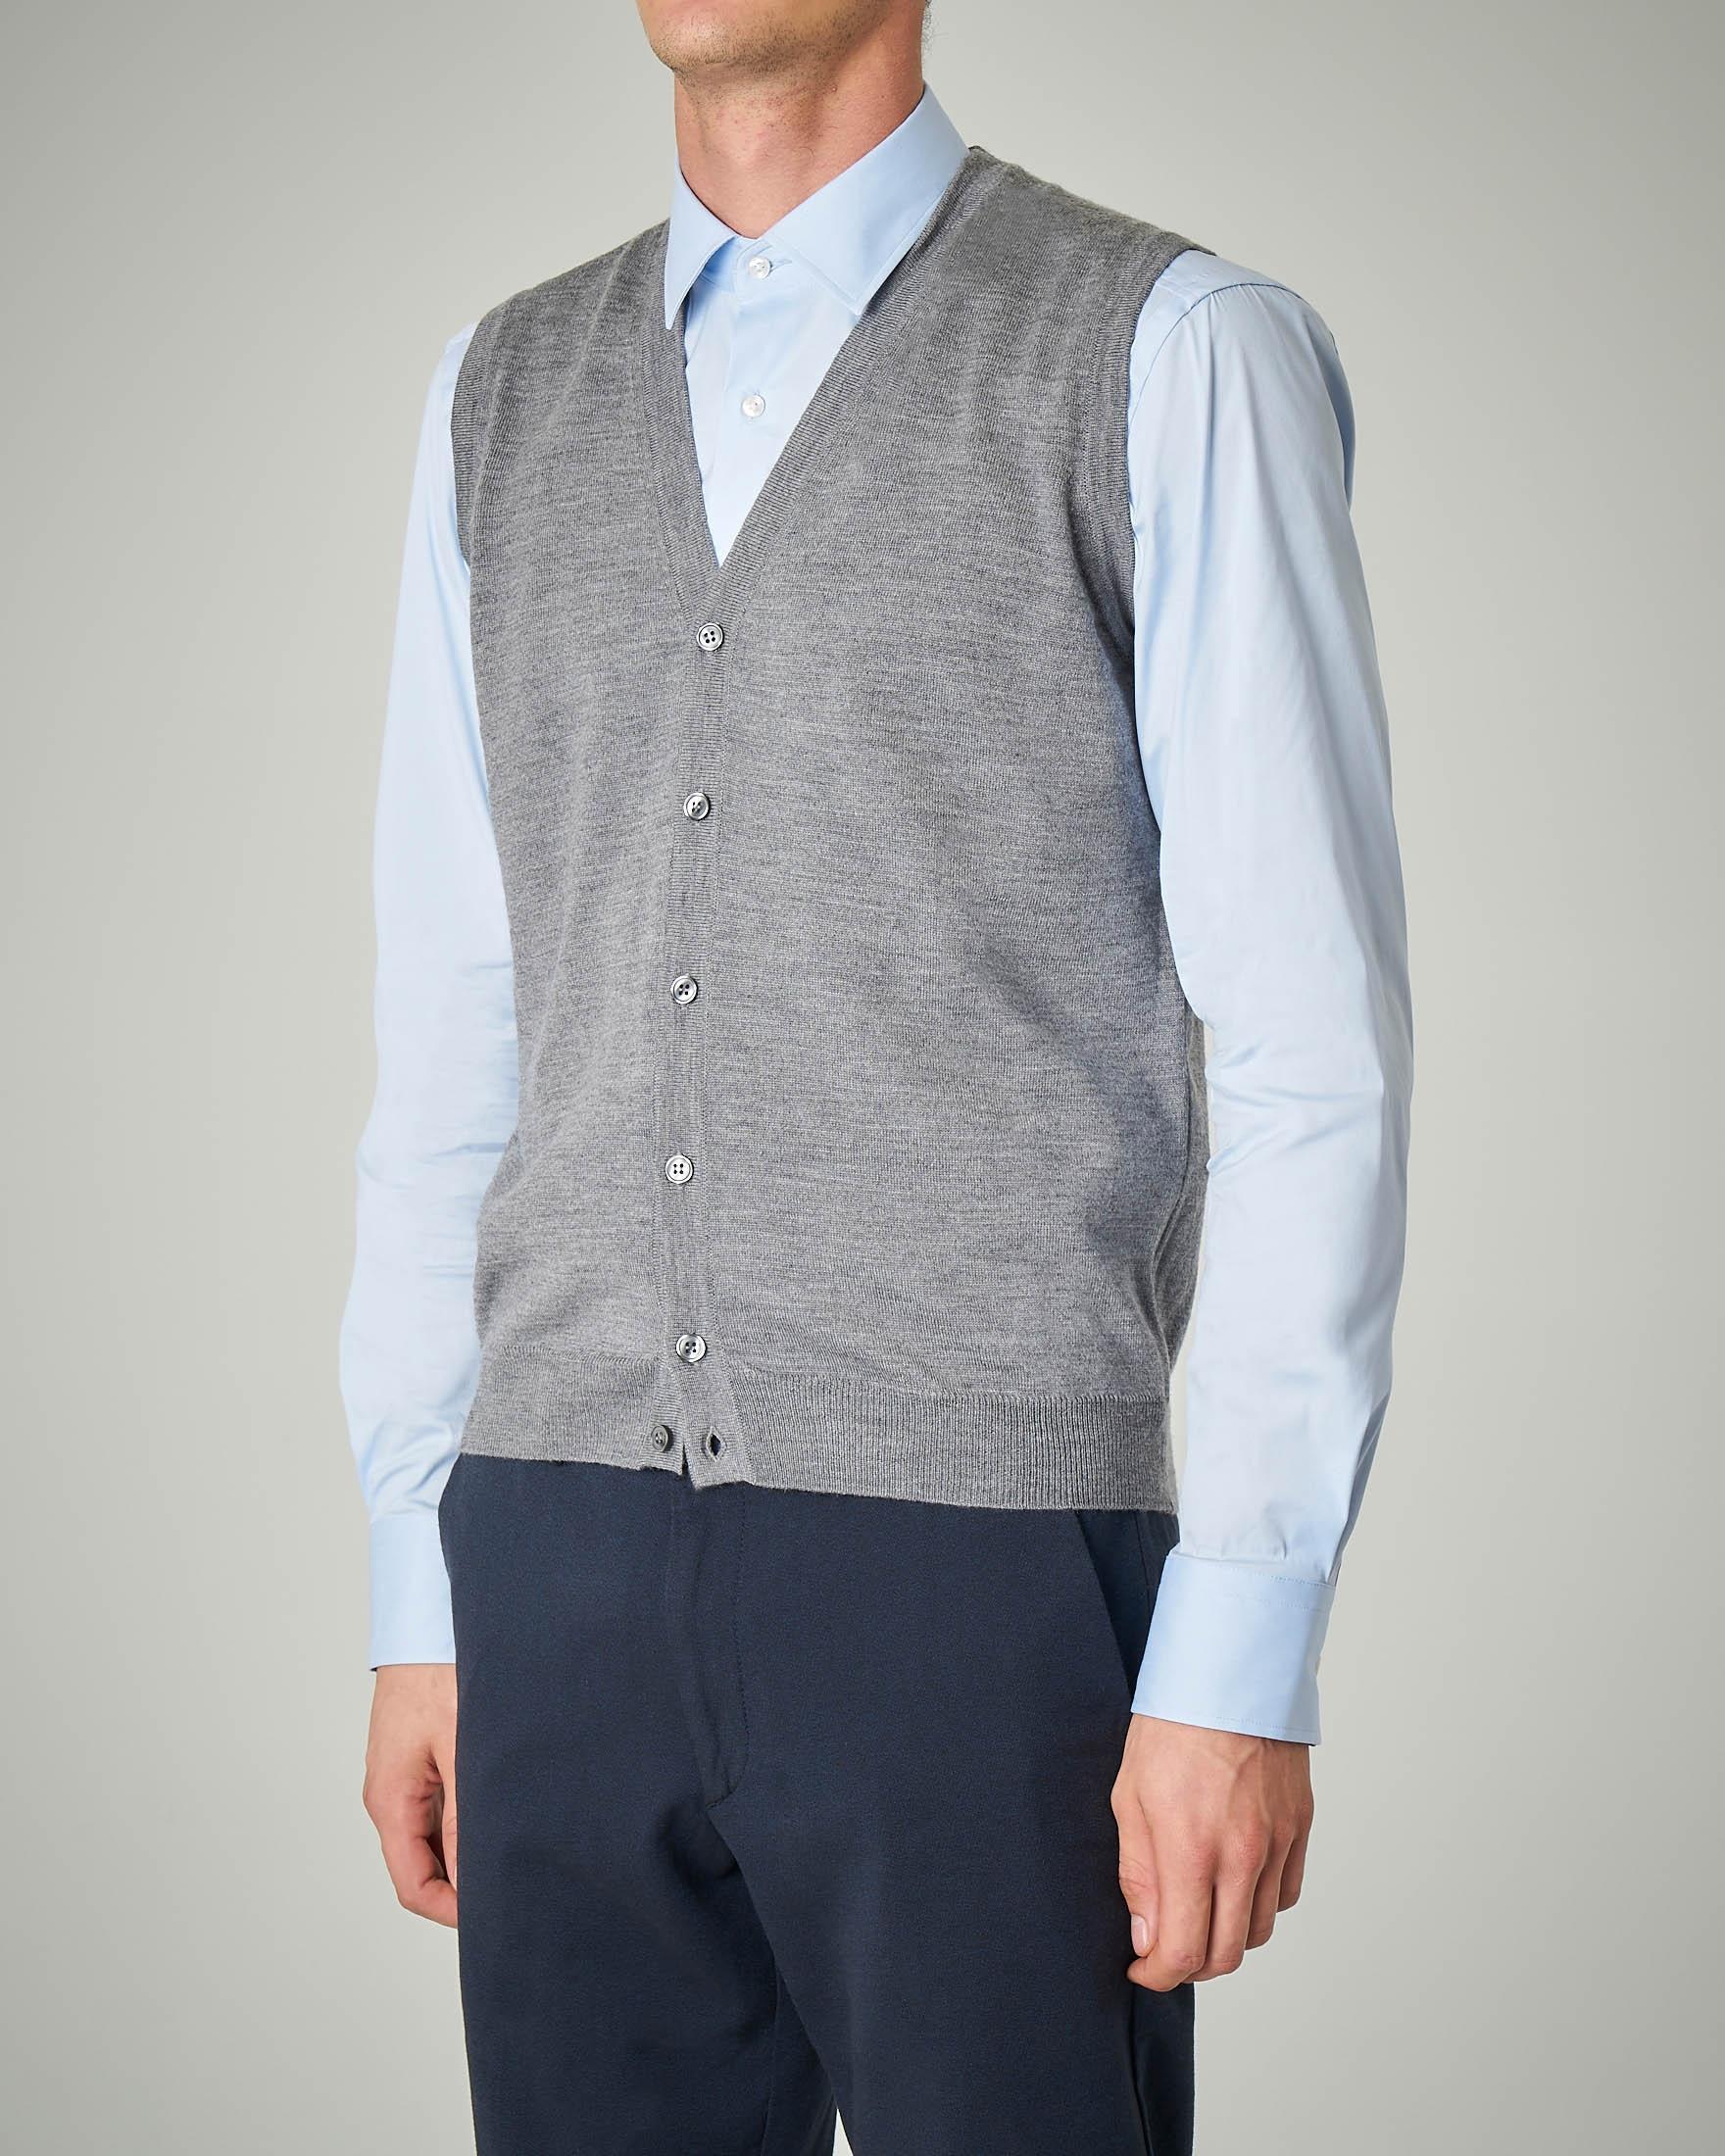 Gilet grigio con bottoni in lana merino